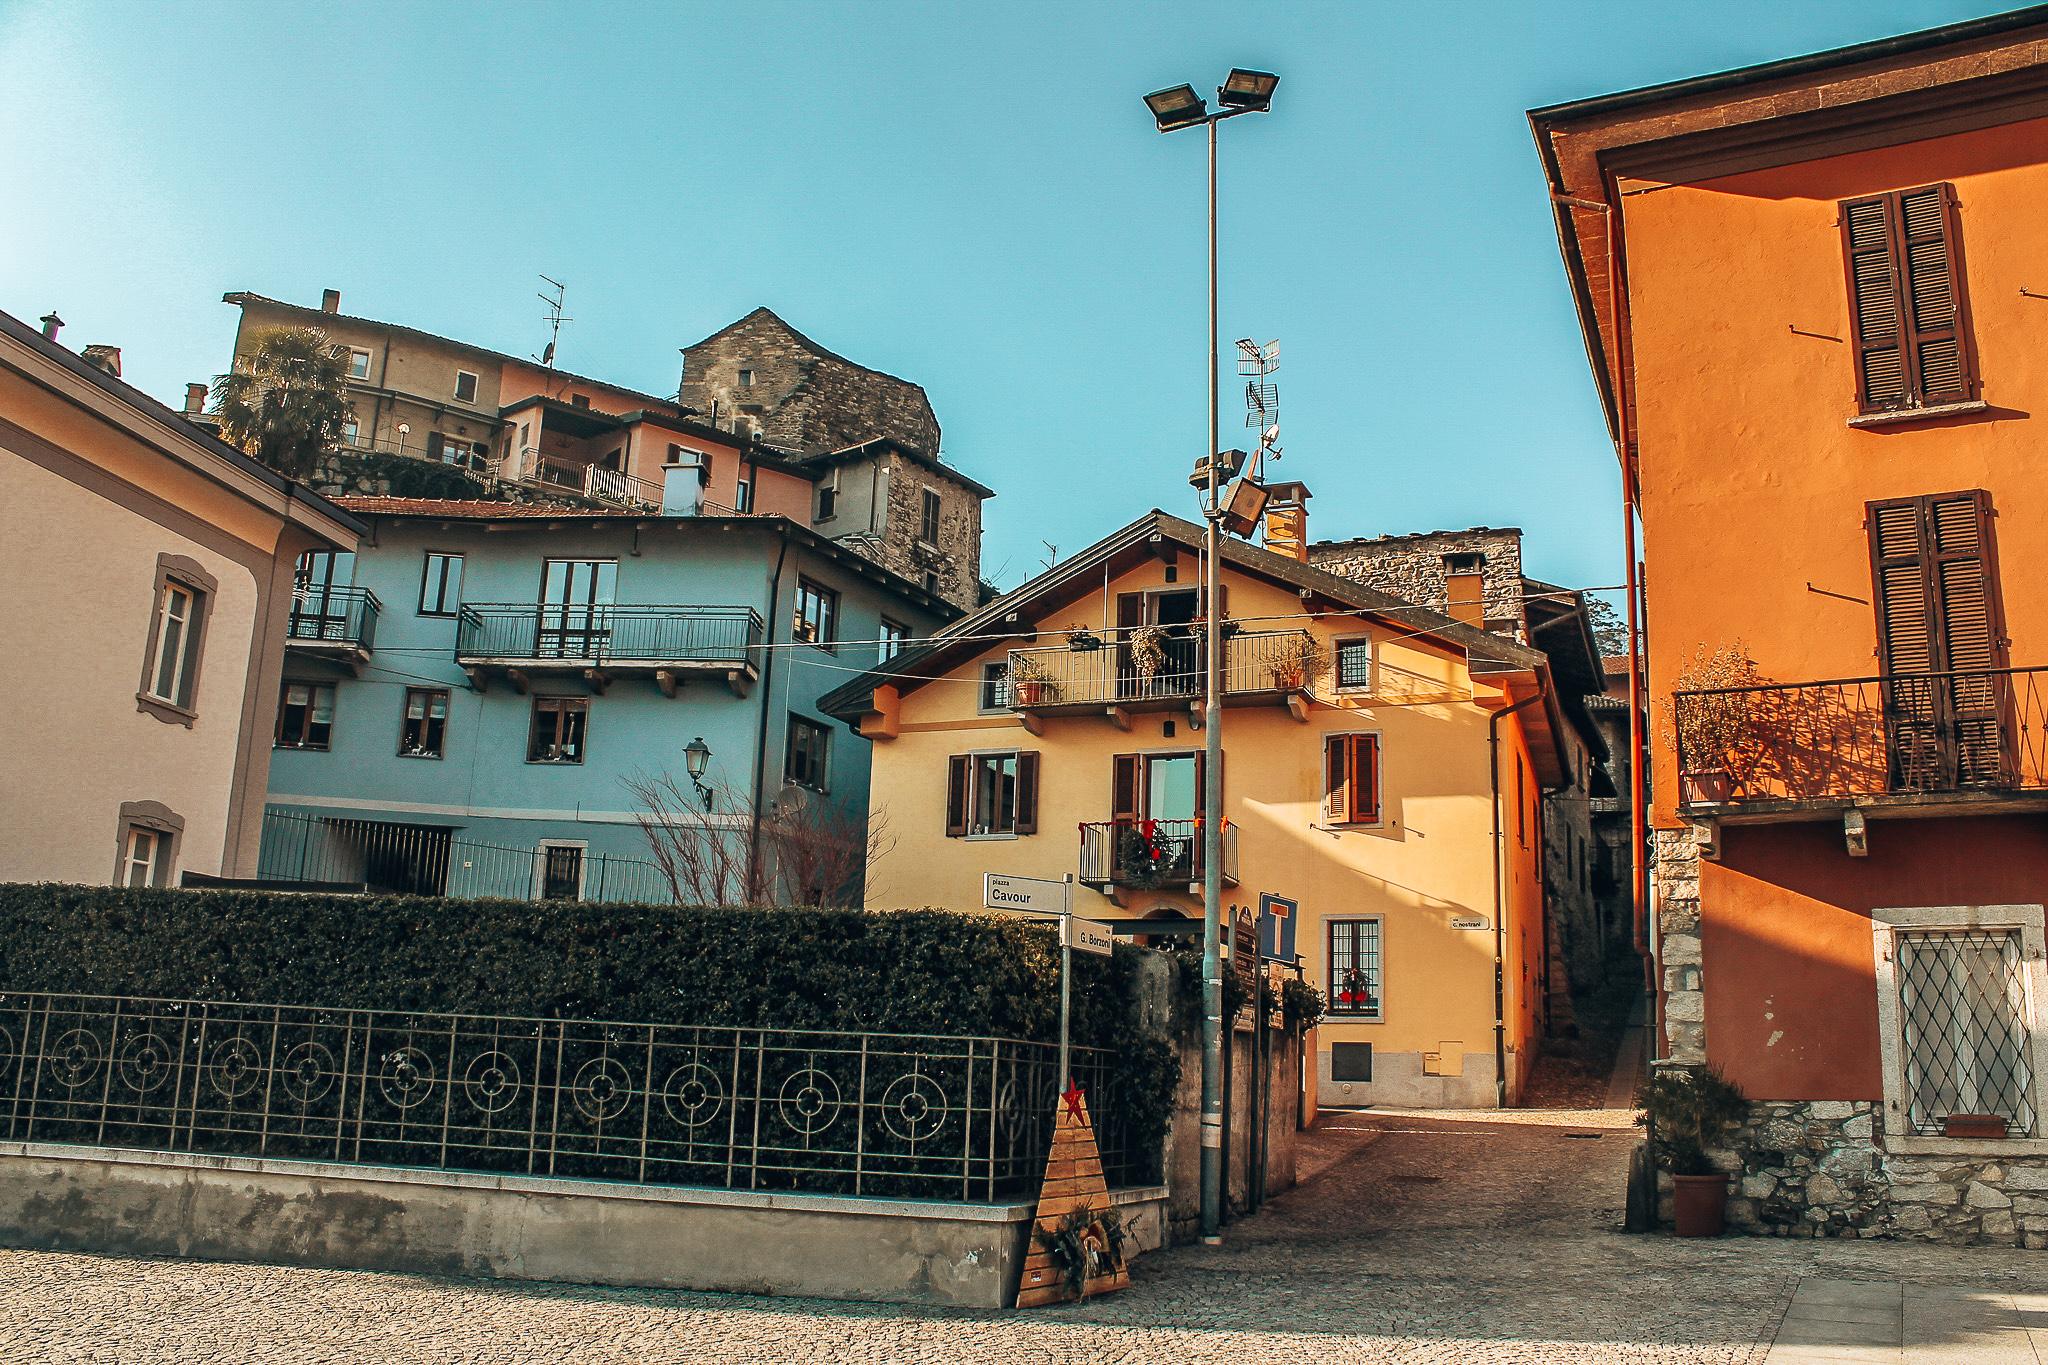 Piazza di Mergozzo